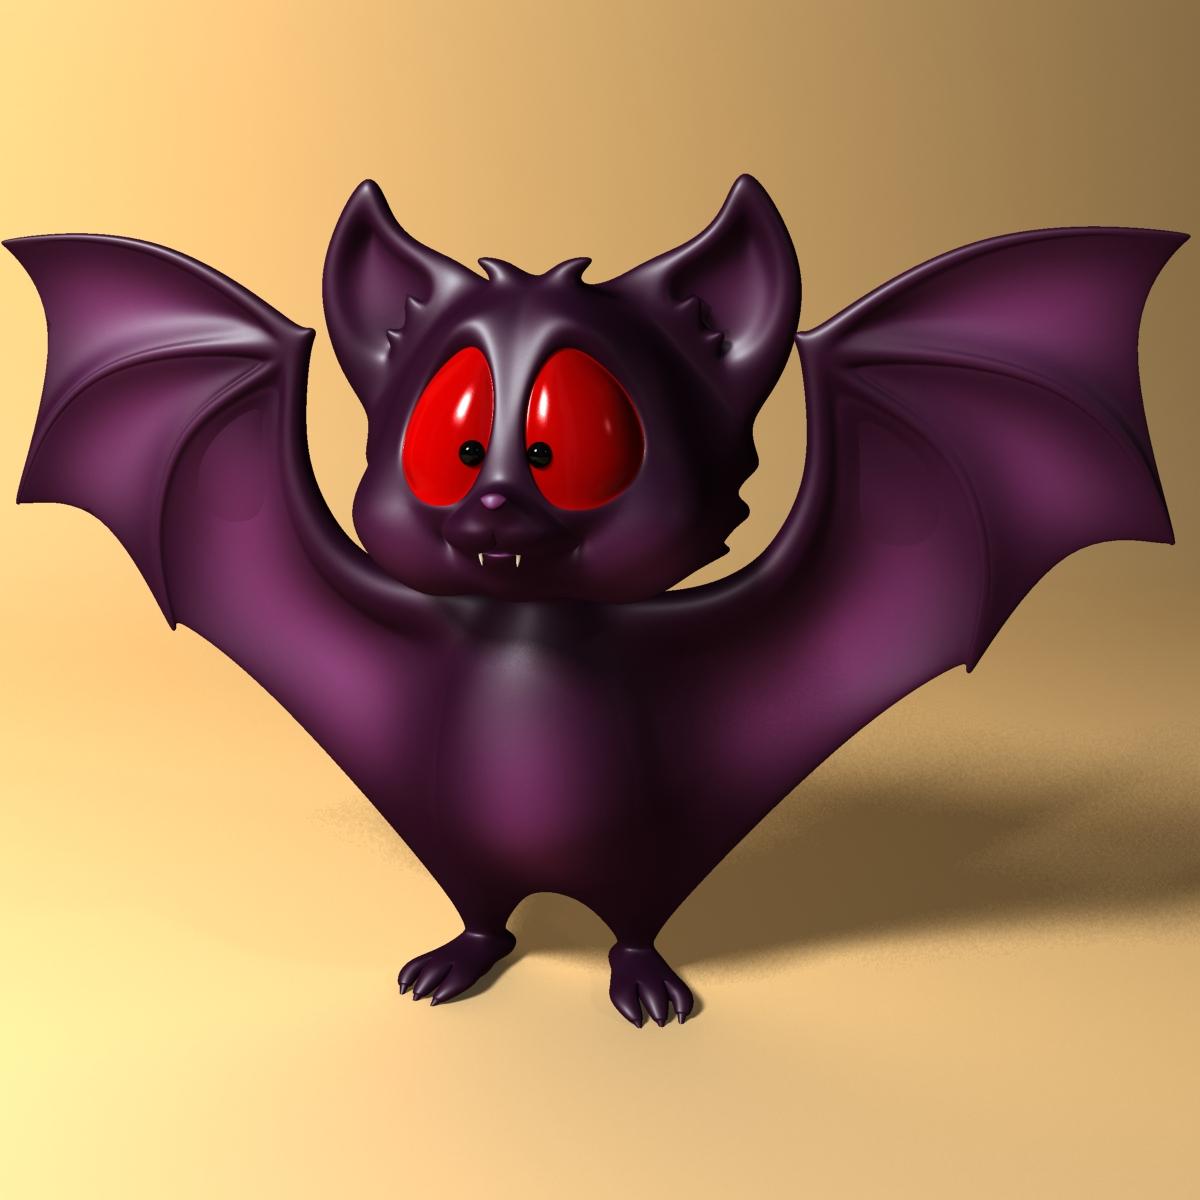 karikatūra sikspārnis rigged un animācijas 3d modelis 3ds max fbx obj 218275